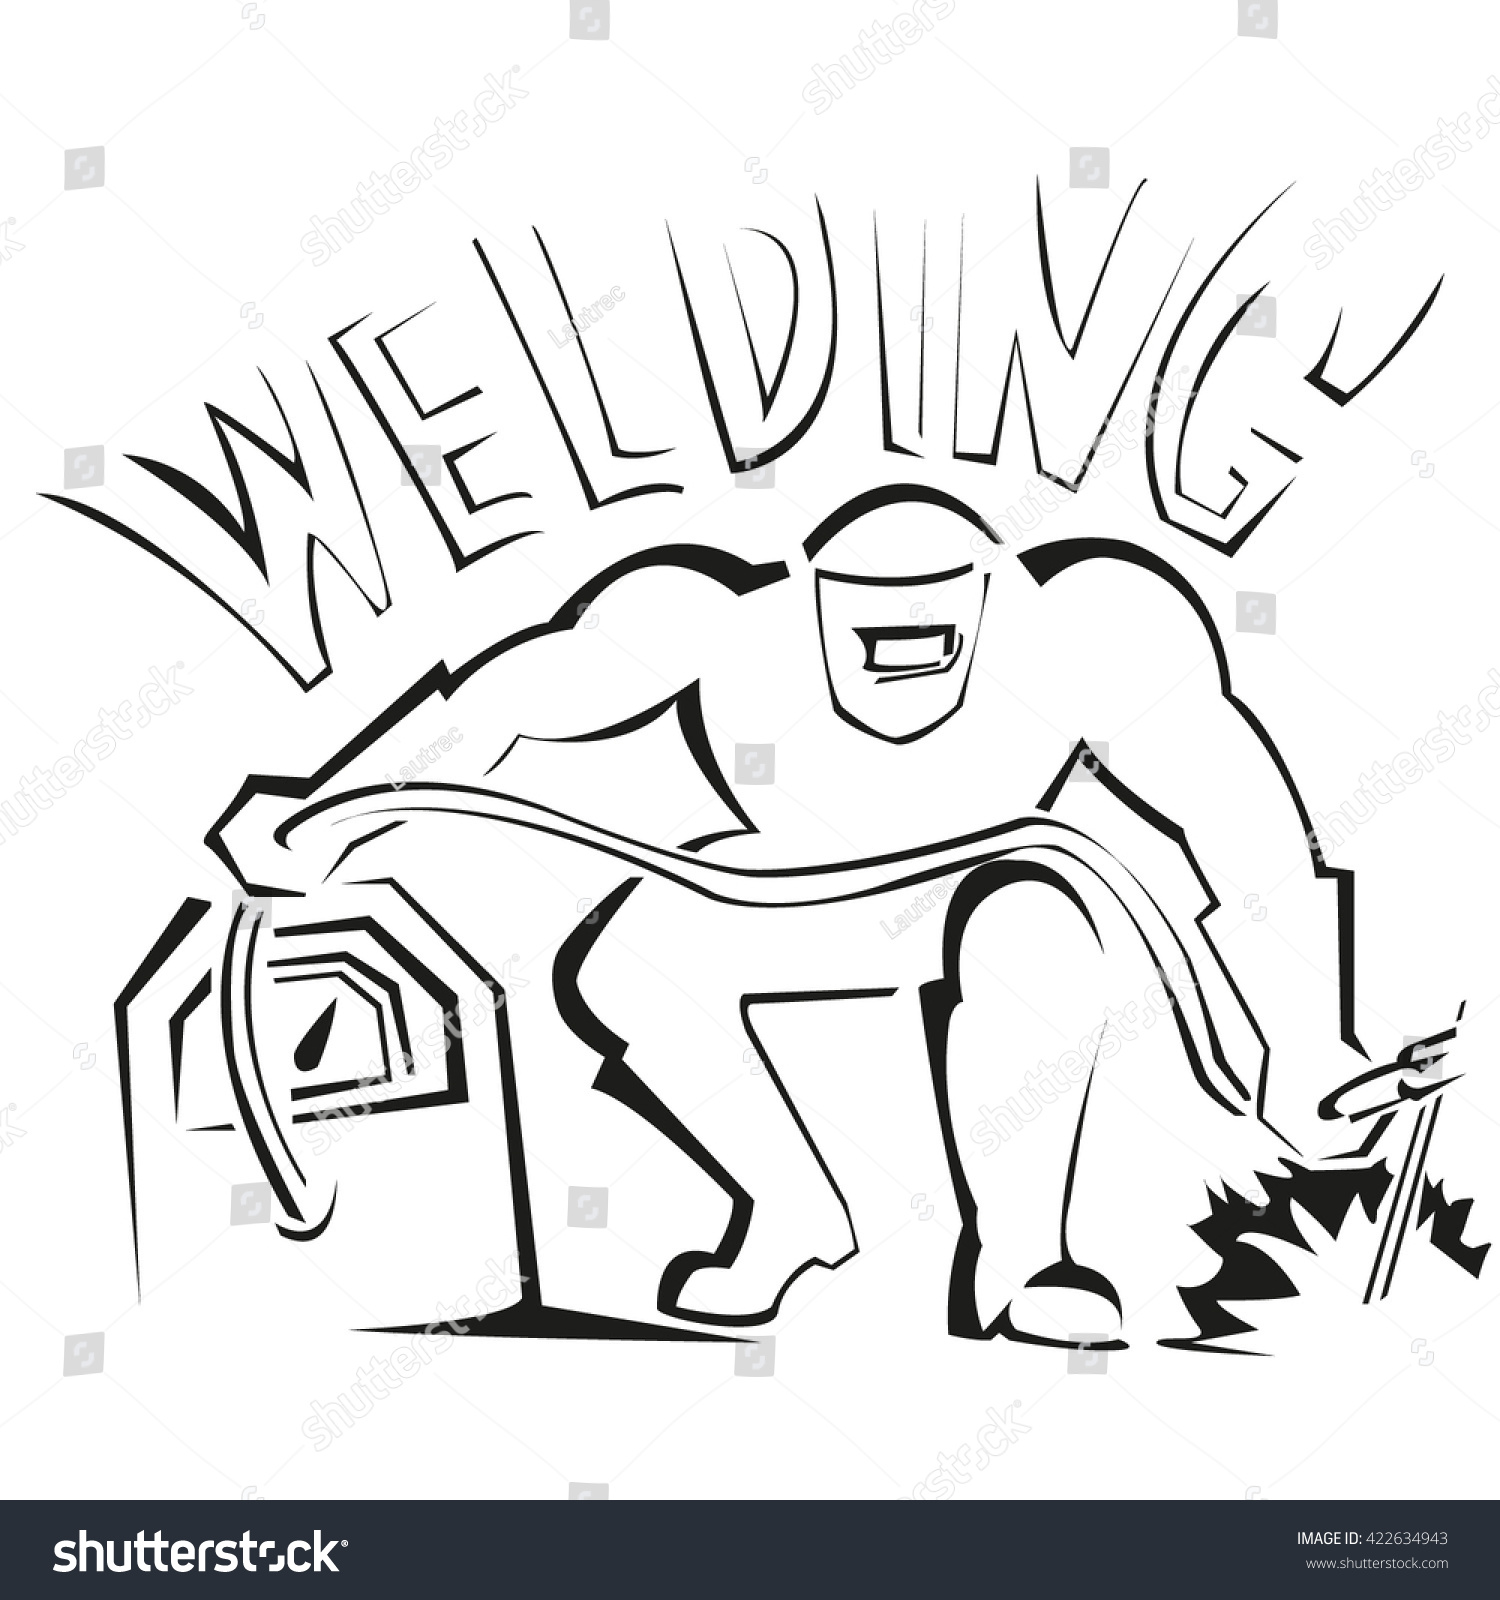 Welder Logo Stock Vector Illustration 422634943 : Shutterstock